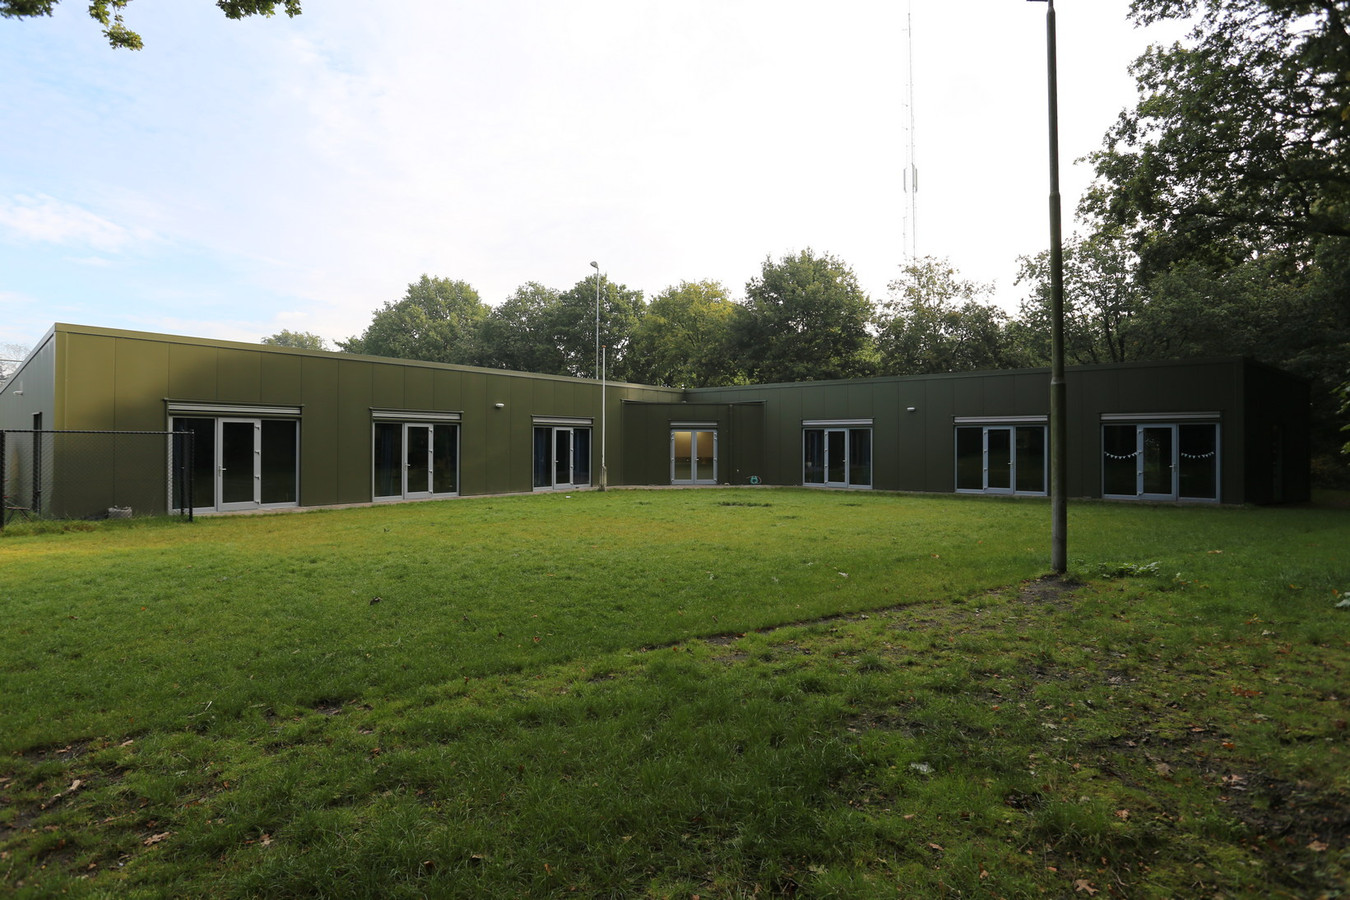 Het gebouw aan De Molenberg in Rucphen waarvan Scouting St. Jan uit Sprundel en Scouting Rucphen gebruik maken sinds het in 2014 tot stand kwam. Het is nog van de gemeente, maar wordt in de toekomst overgedragen aan de beheersstichting